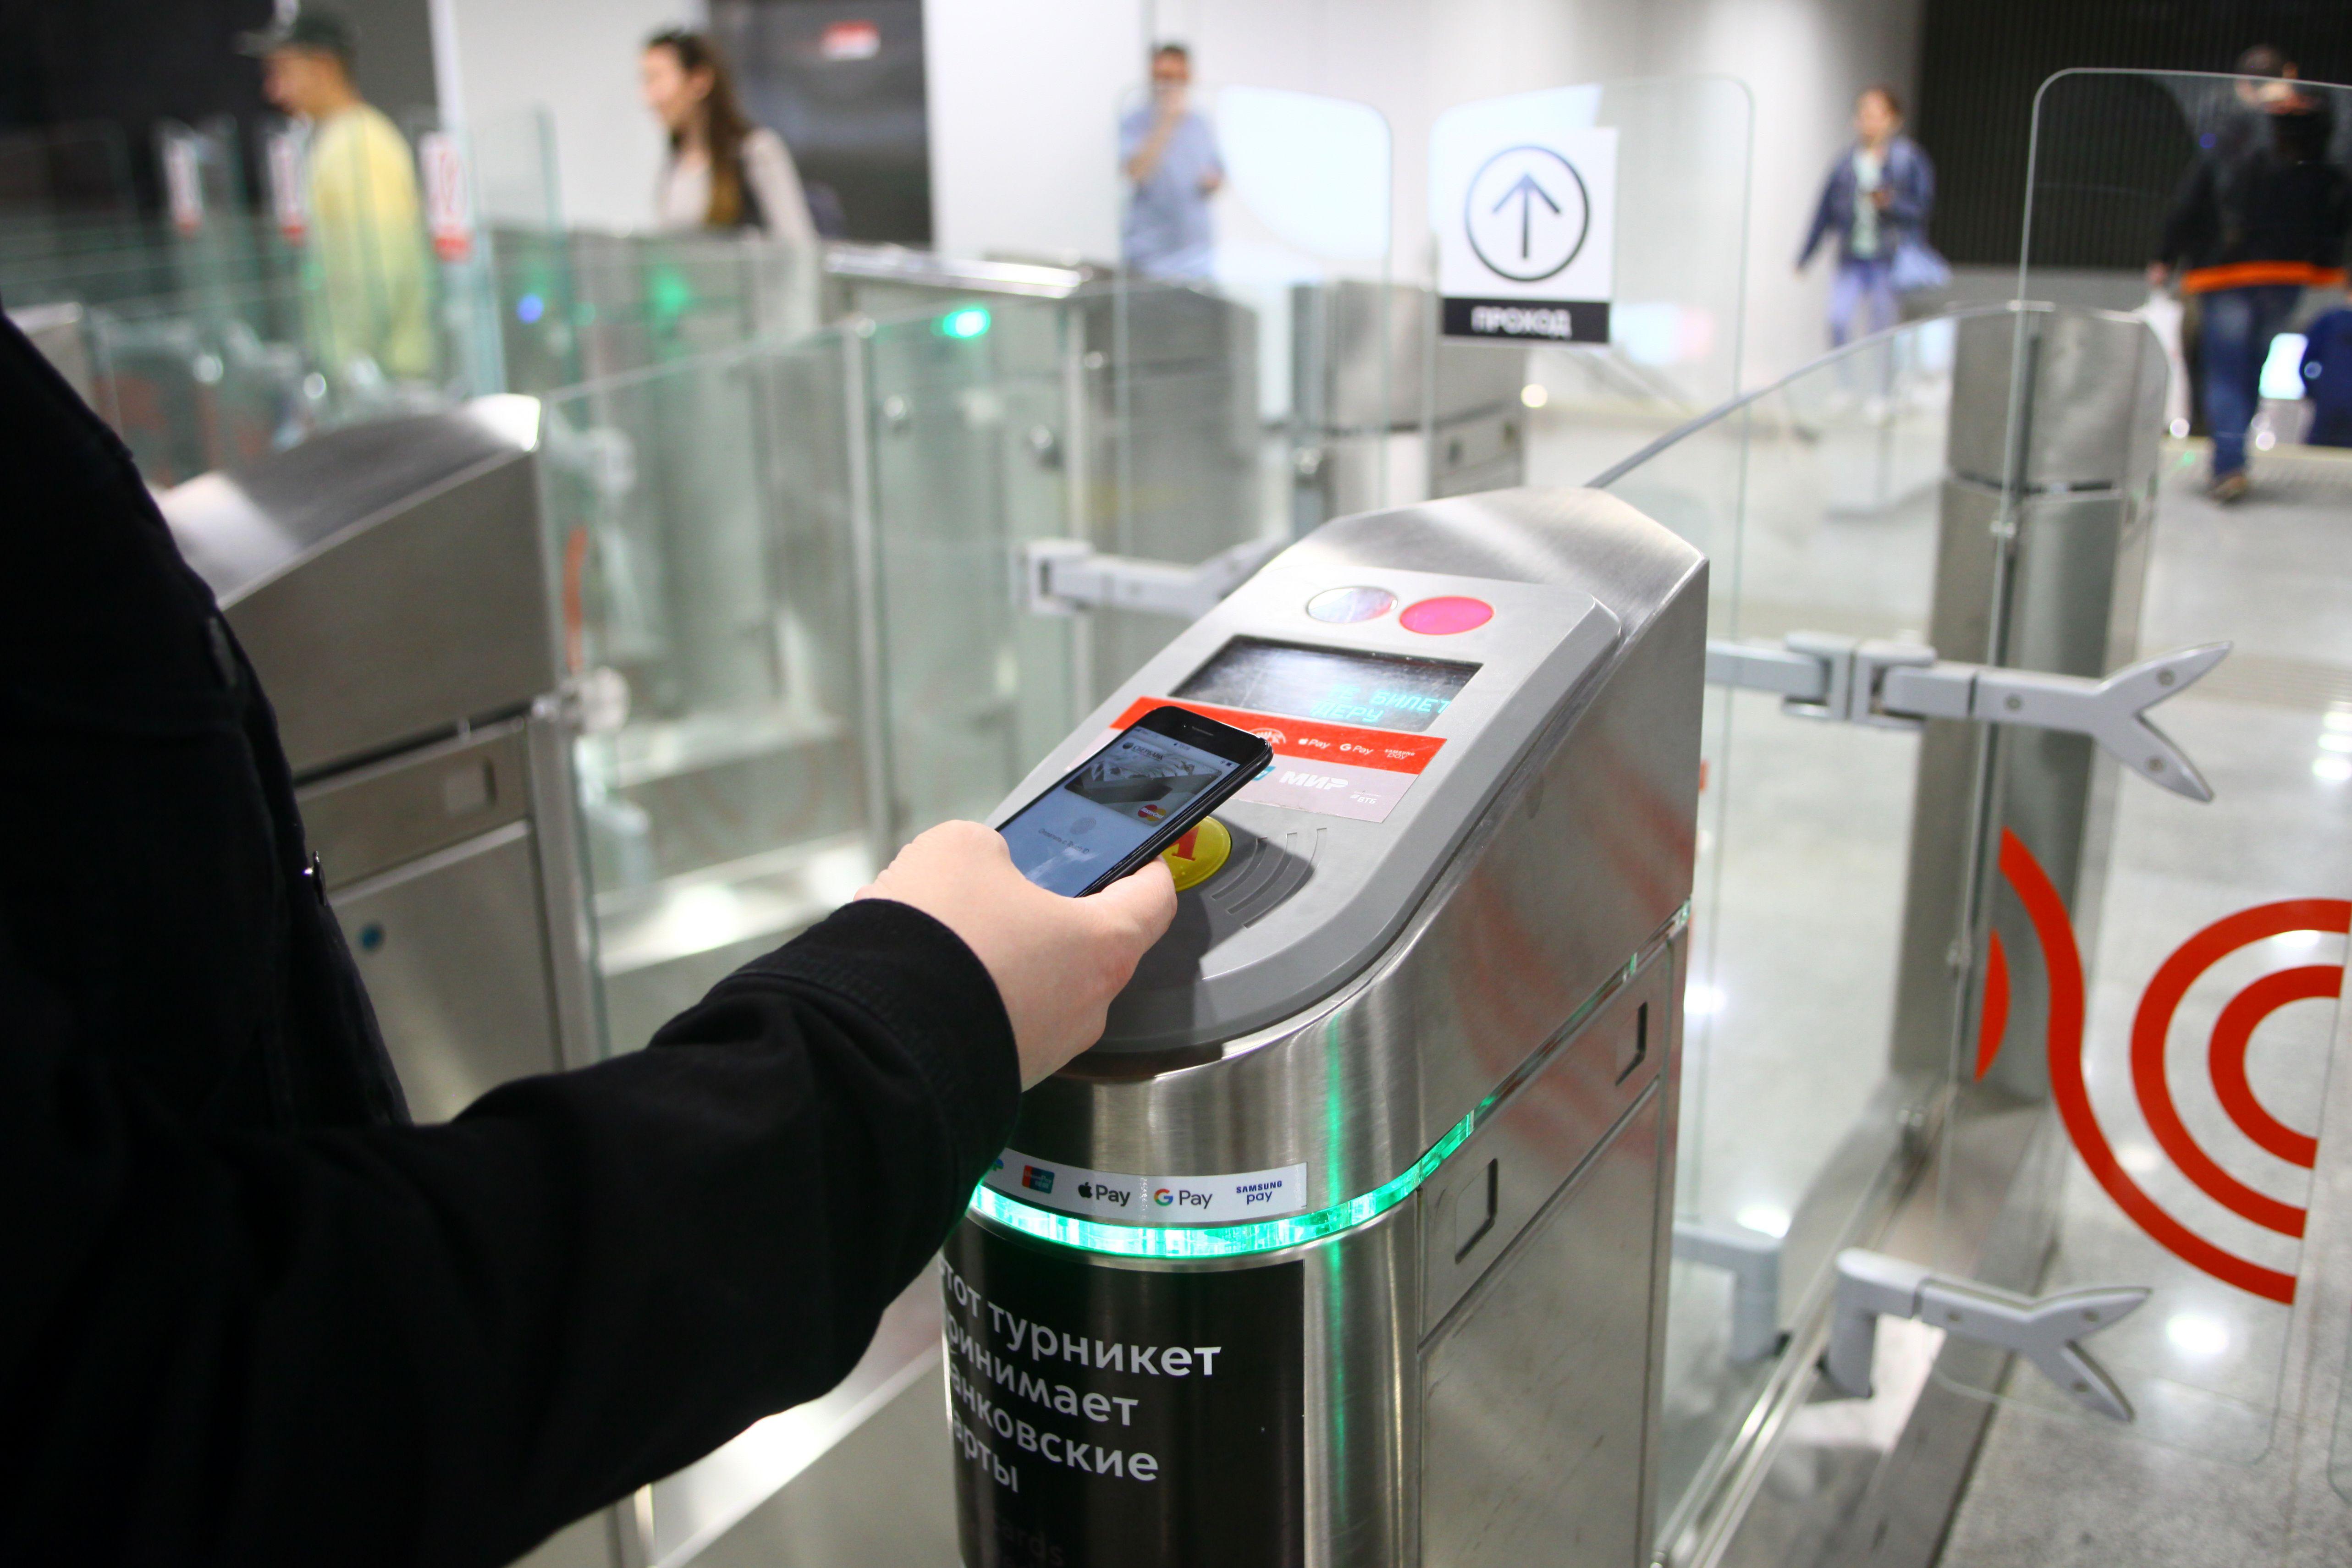 Московский метрополитен запустил оплату проезда с помощью распознавания лиц в метро  - новости Афанасий